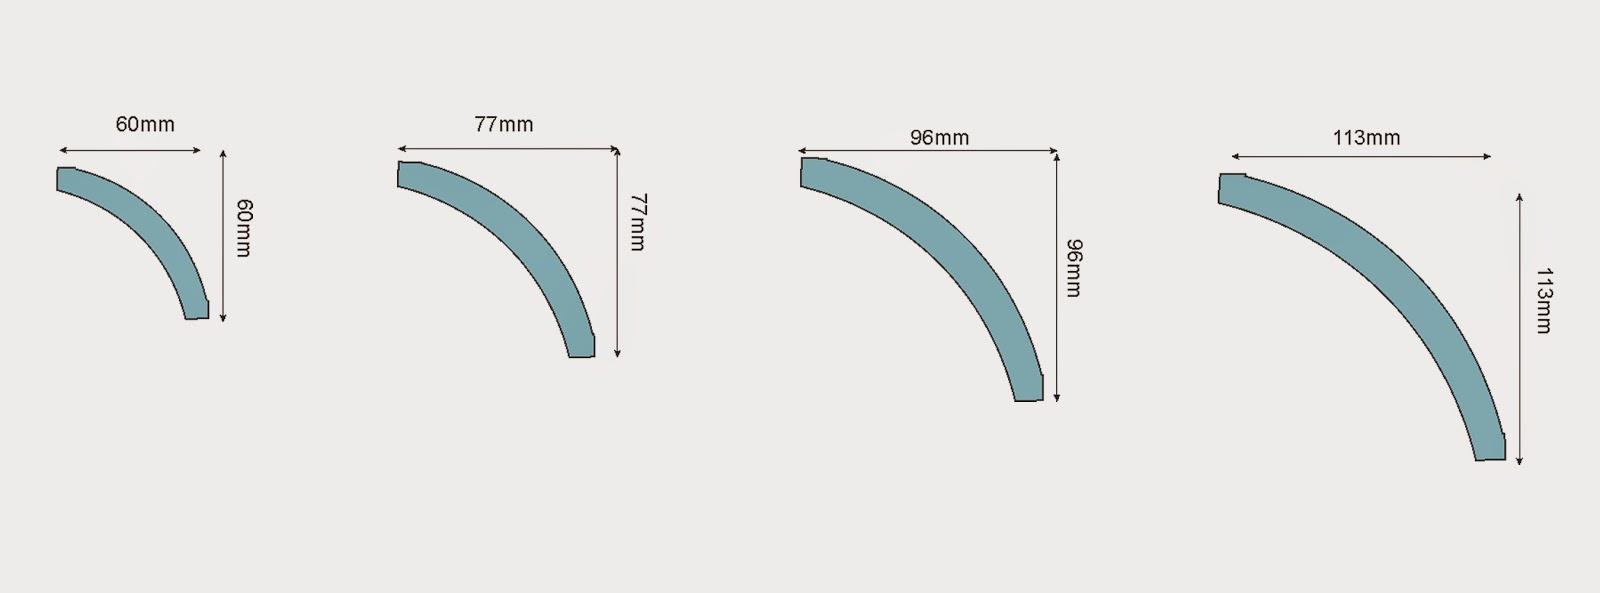 dimensiuni cornisa design, profile polistiren pentru tavan la interior casa